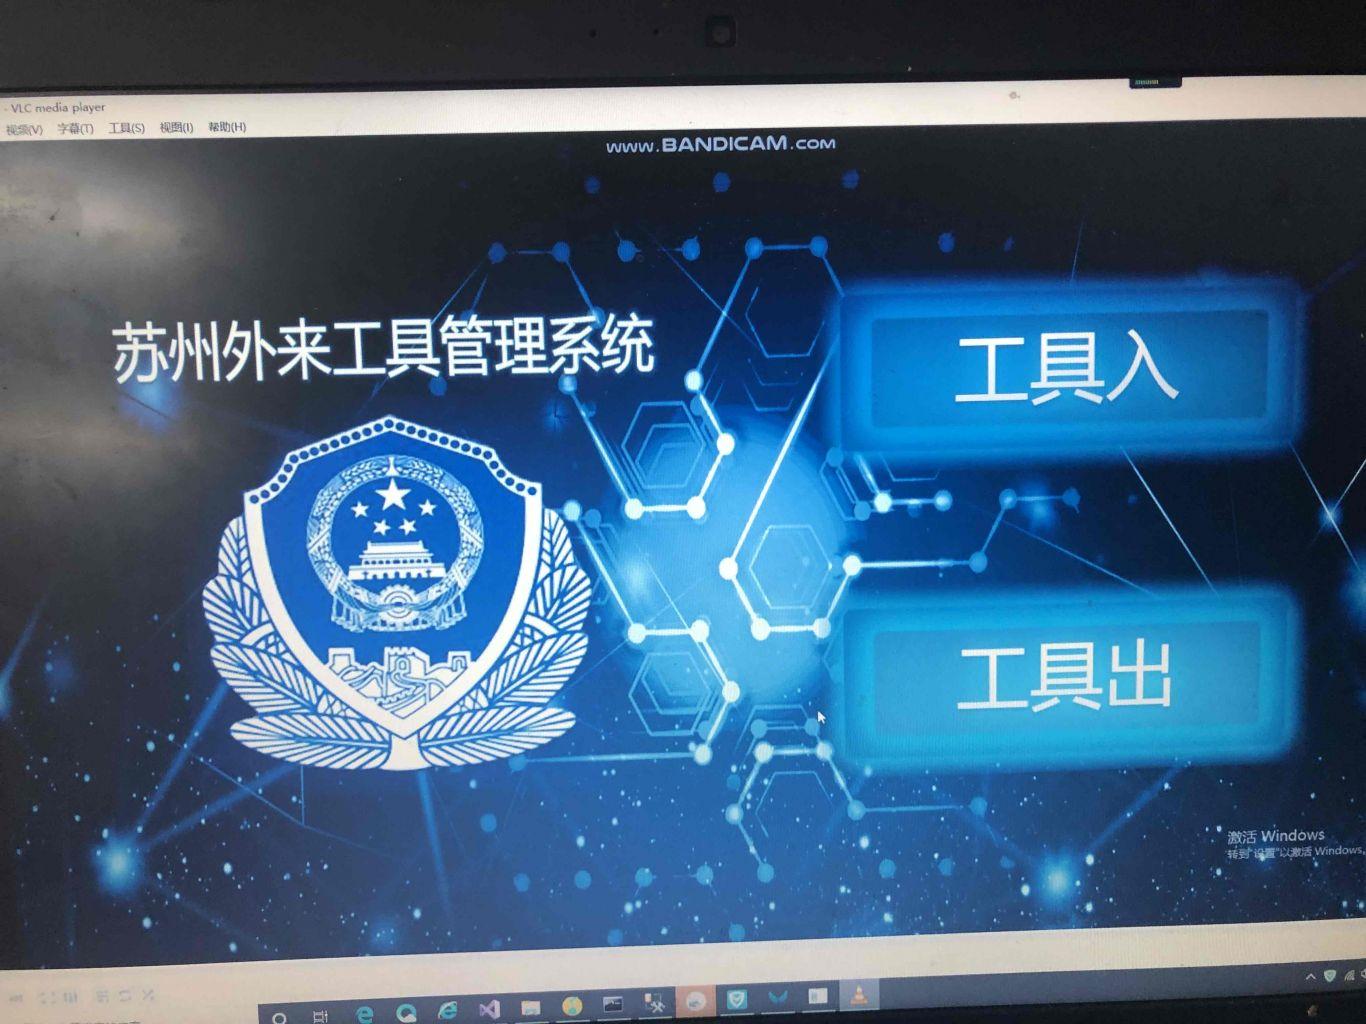 苏州监狱出入工具管理软件